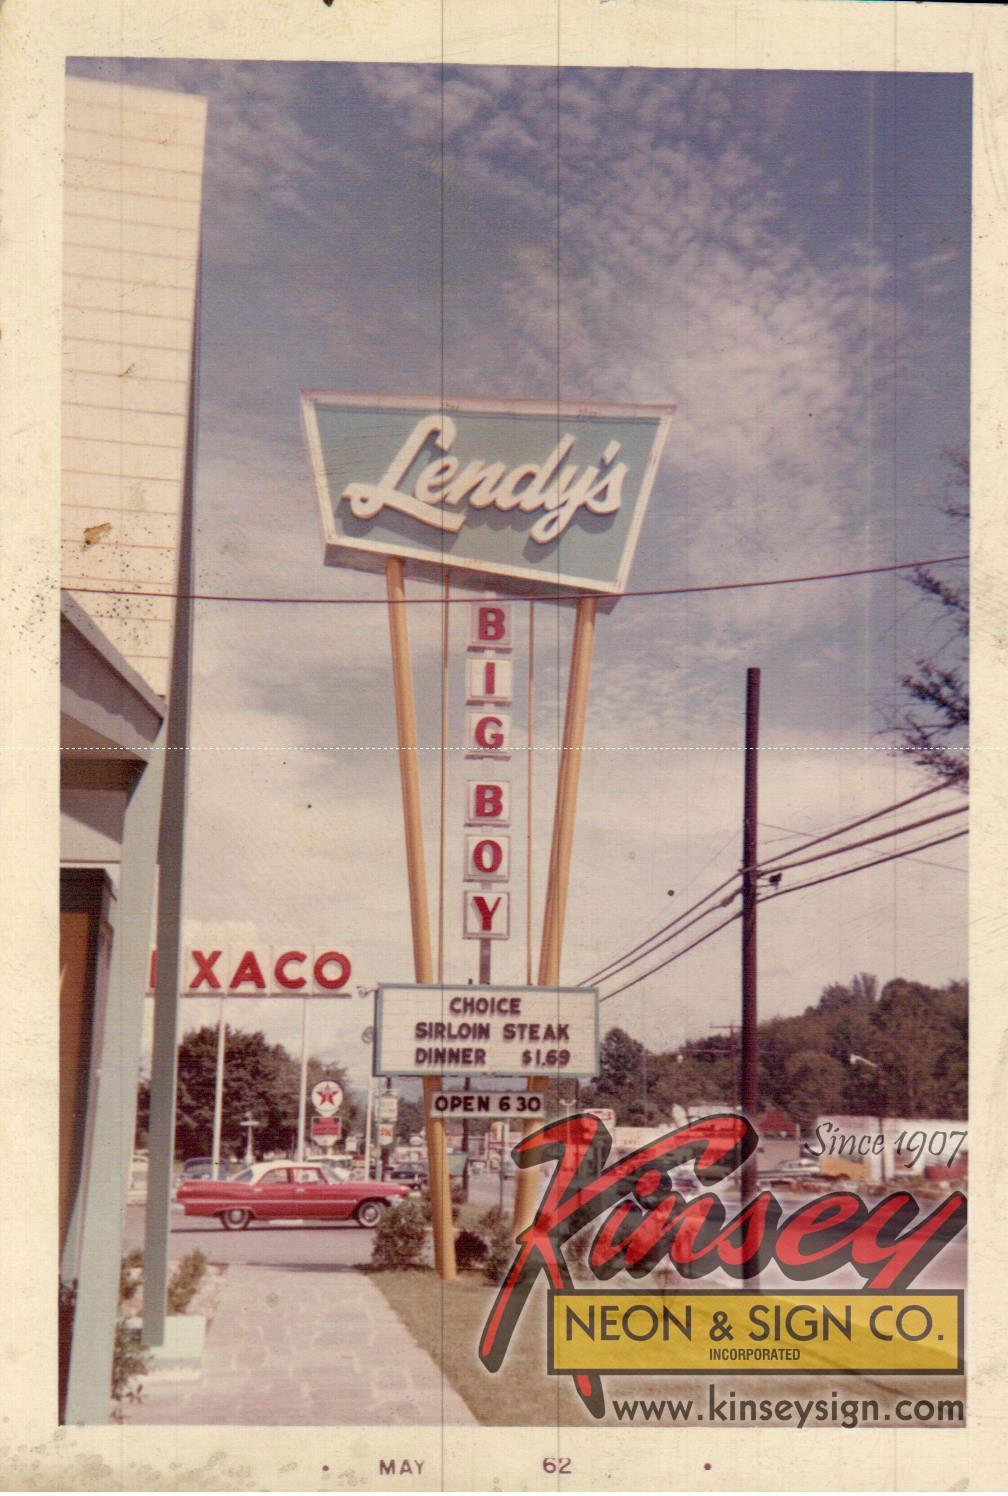 Lendys-2